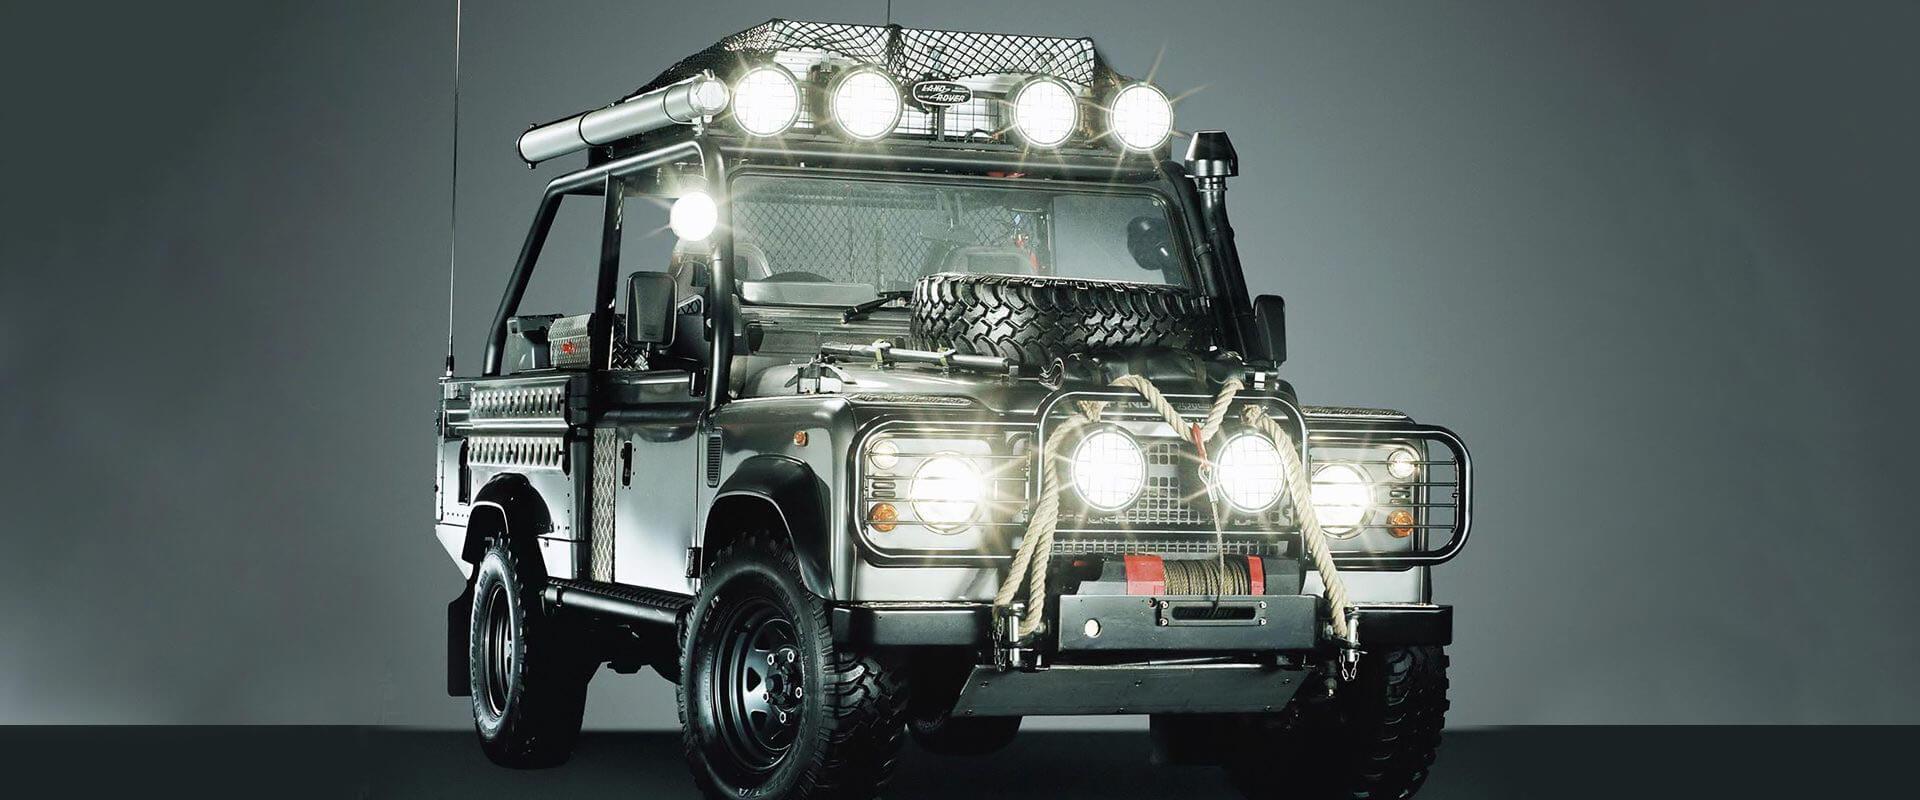 Land Rover e o cinema:  Os 3 carros mais incríveis da marca utilizados em filmes